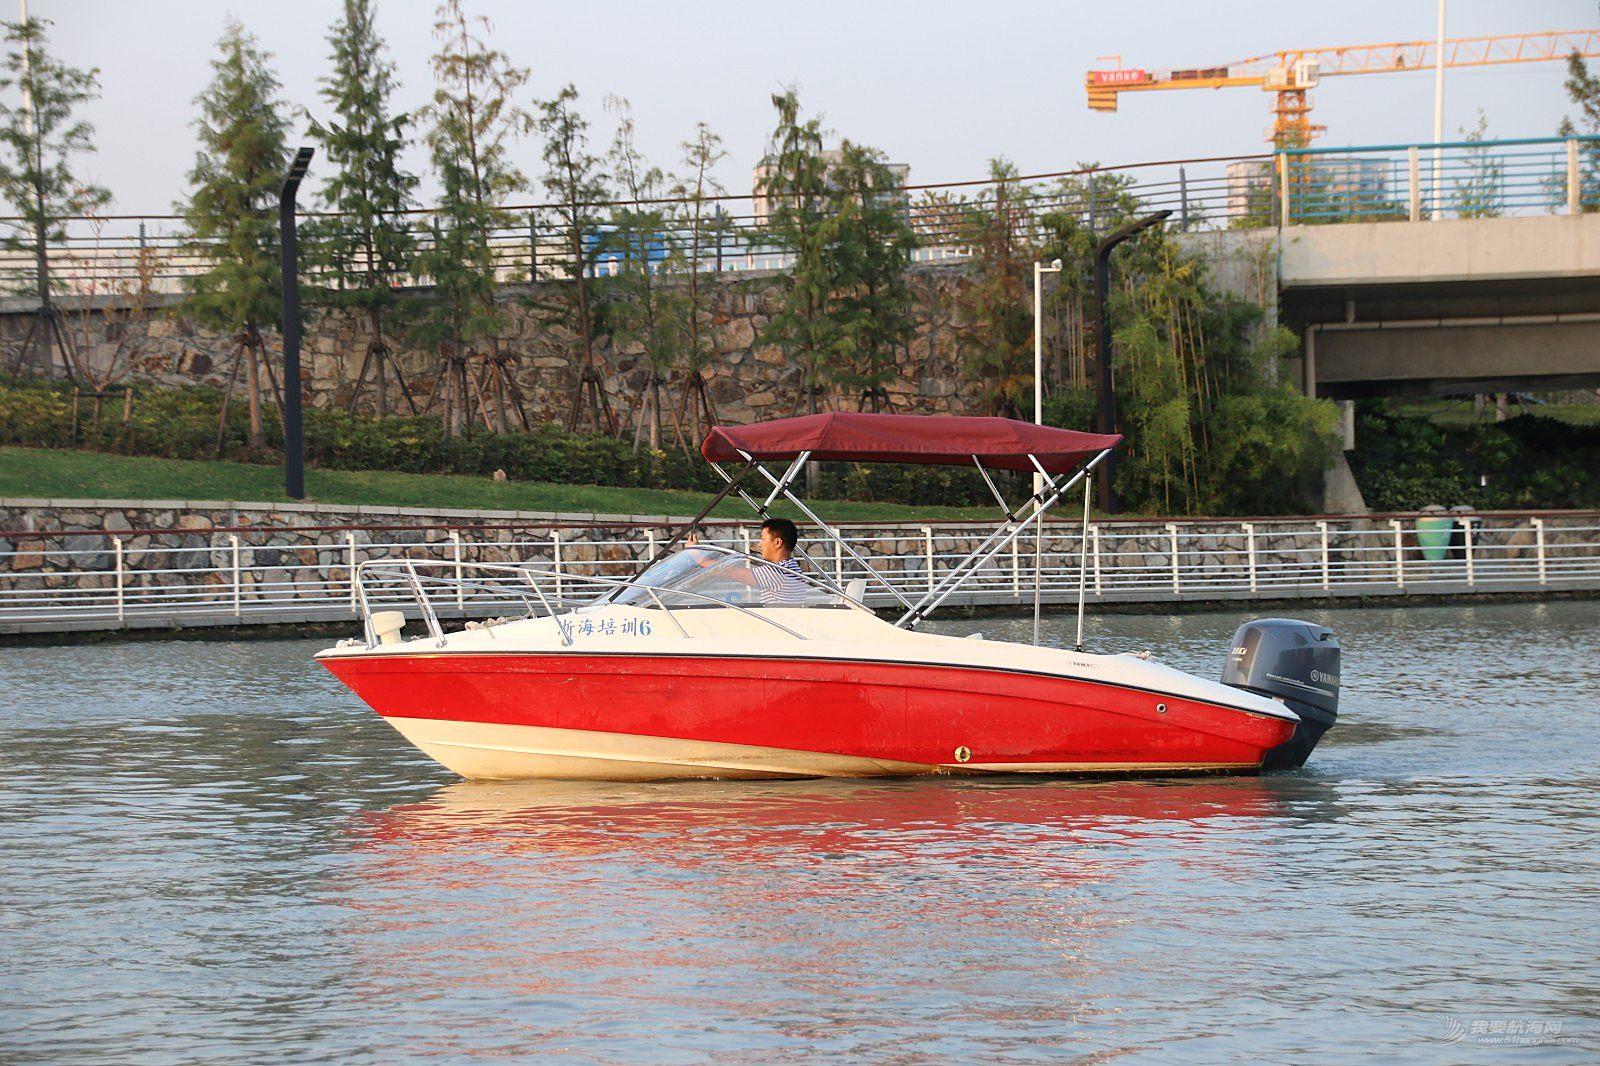 出售一条准新小艇 雅马哈80P发动机,使用百来小时